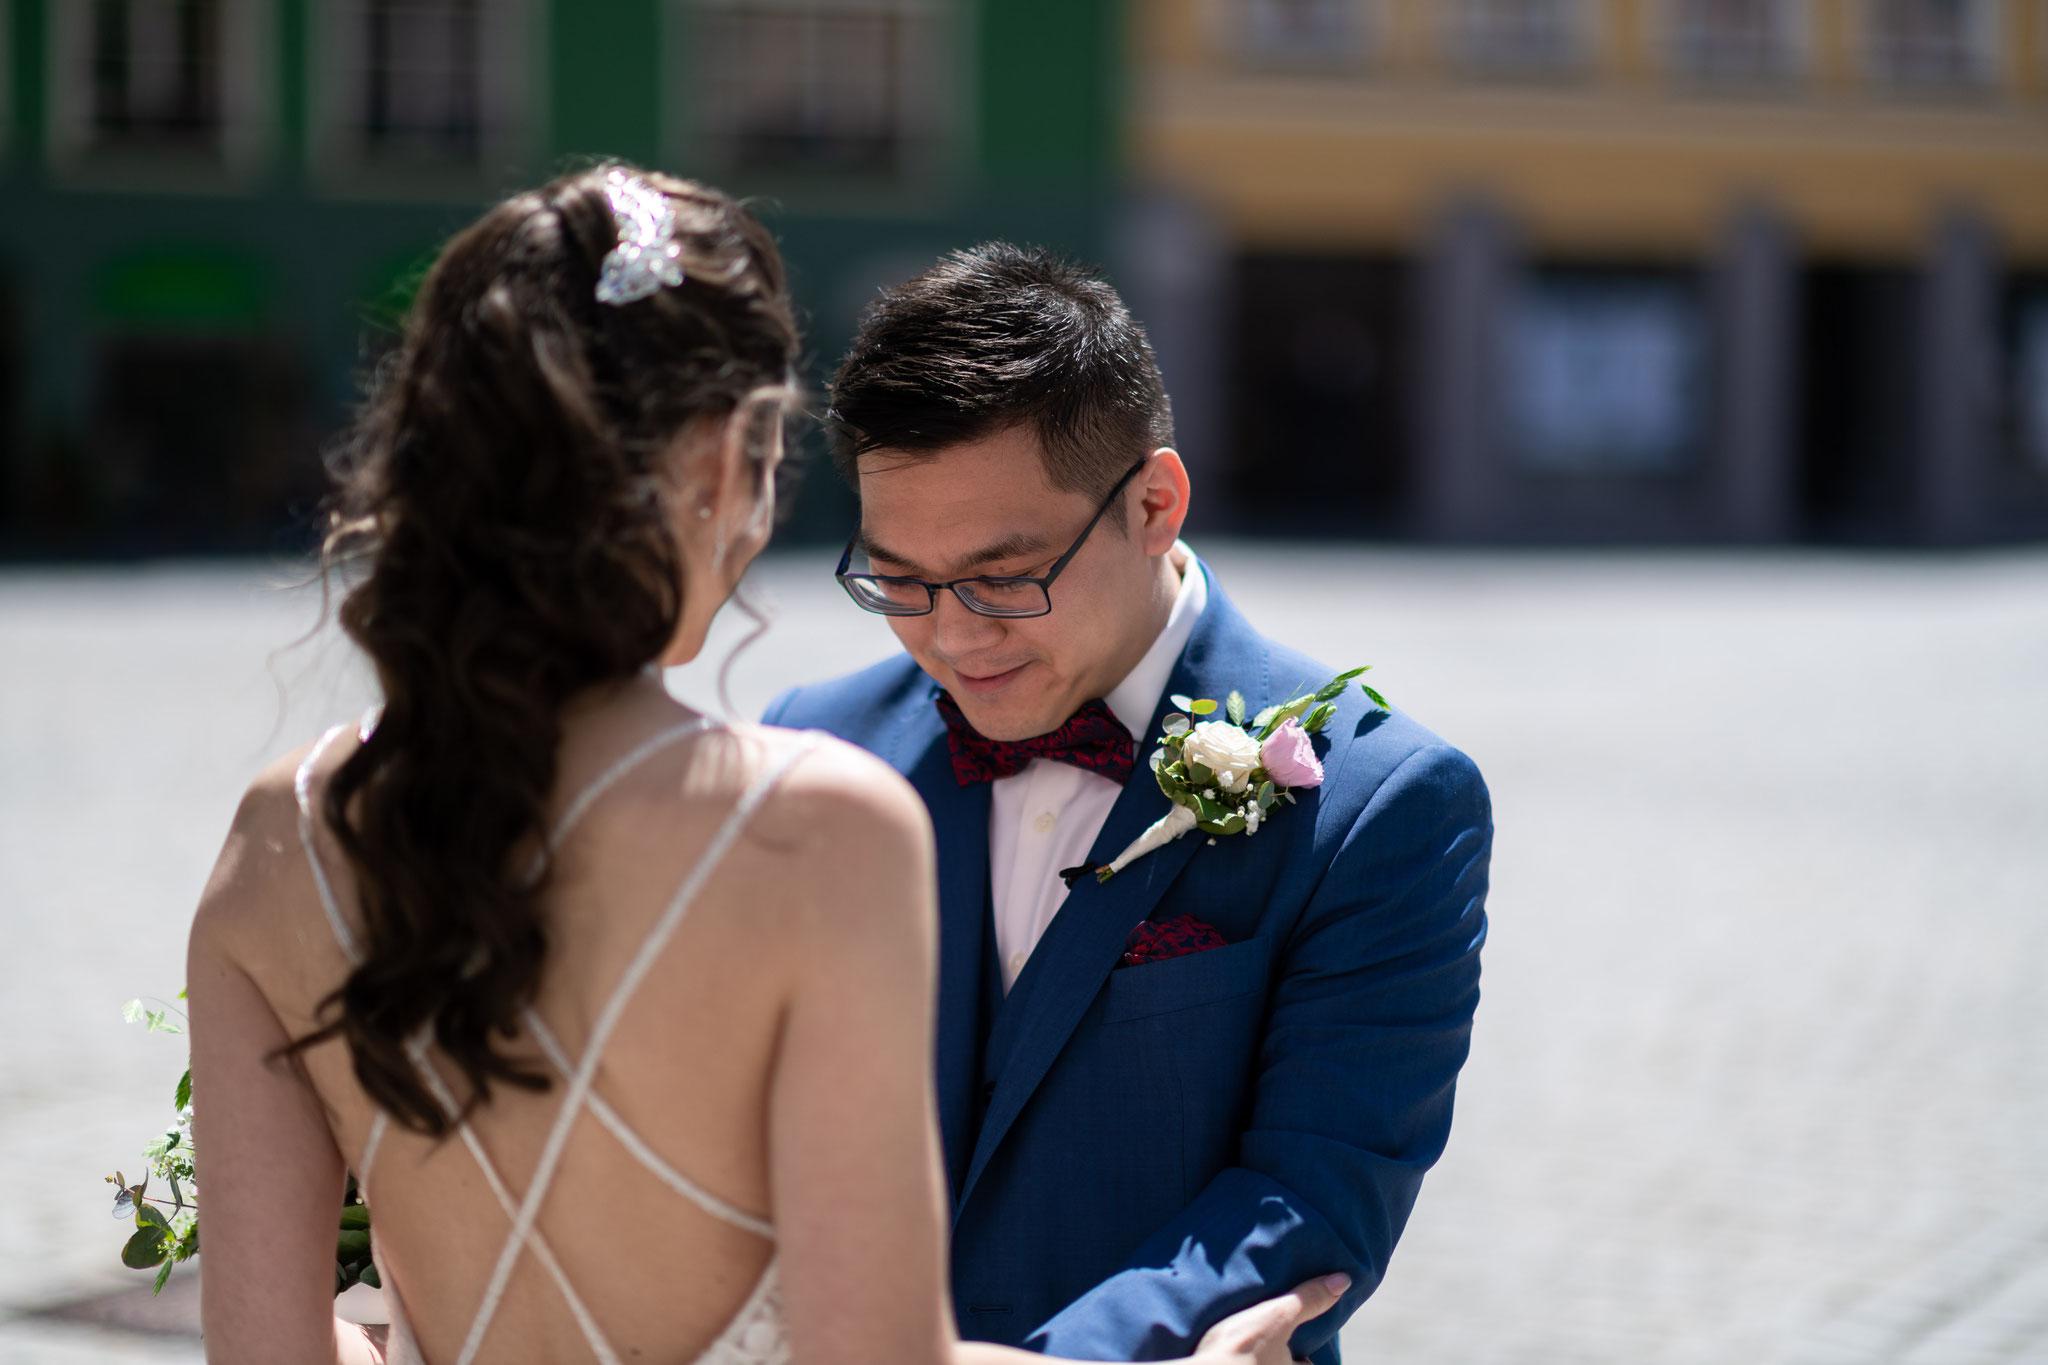 Hochzeitsfotograf und Videograf für meine Hochzeit in Memmingen und Umgebung